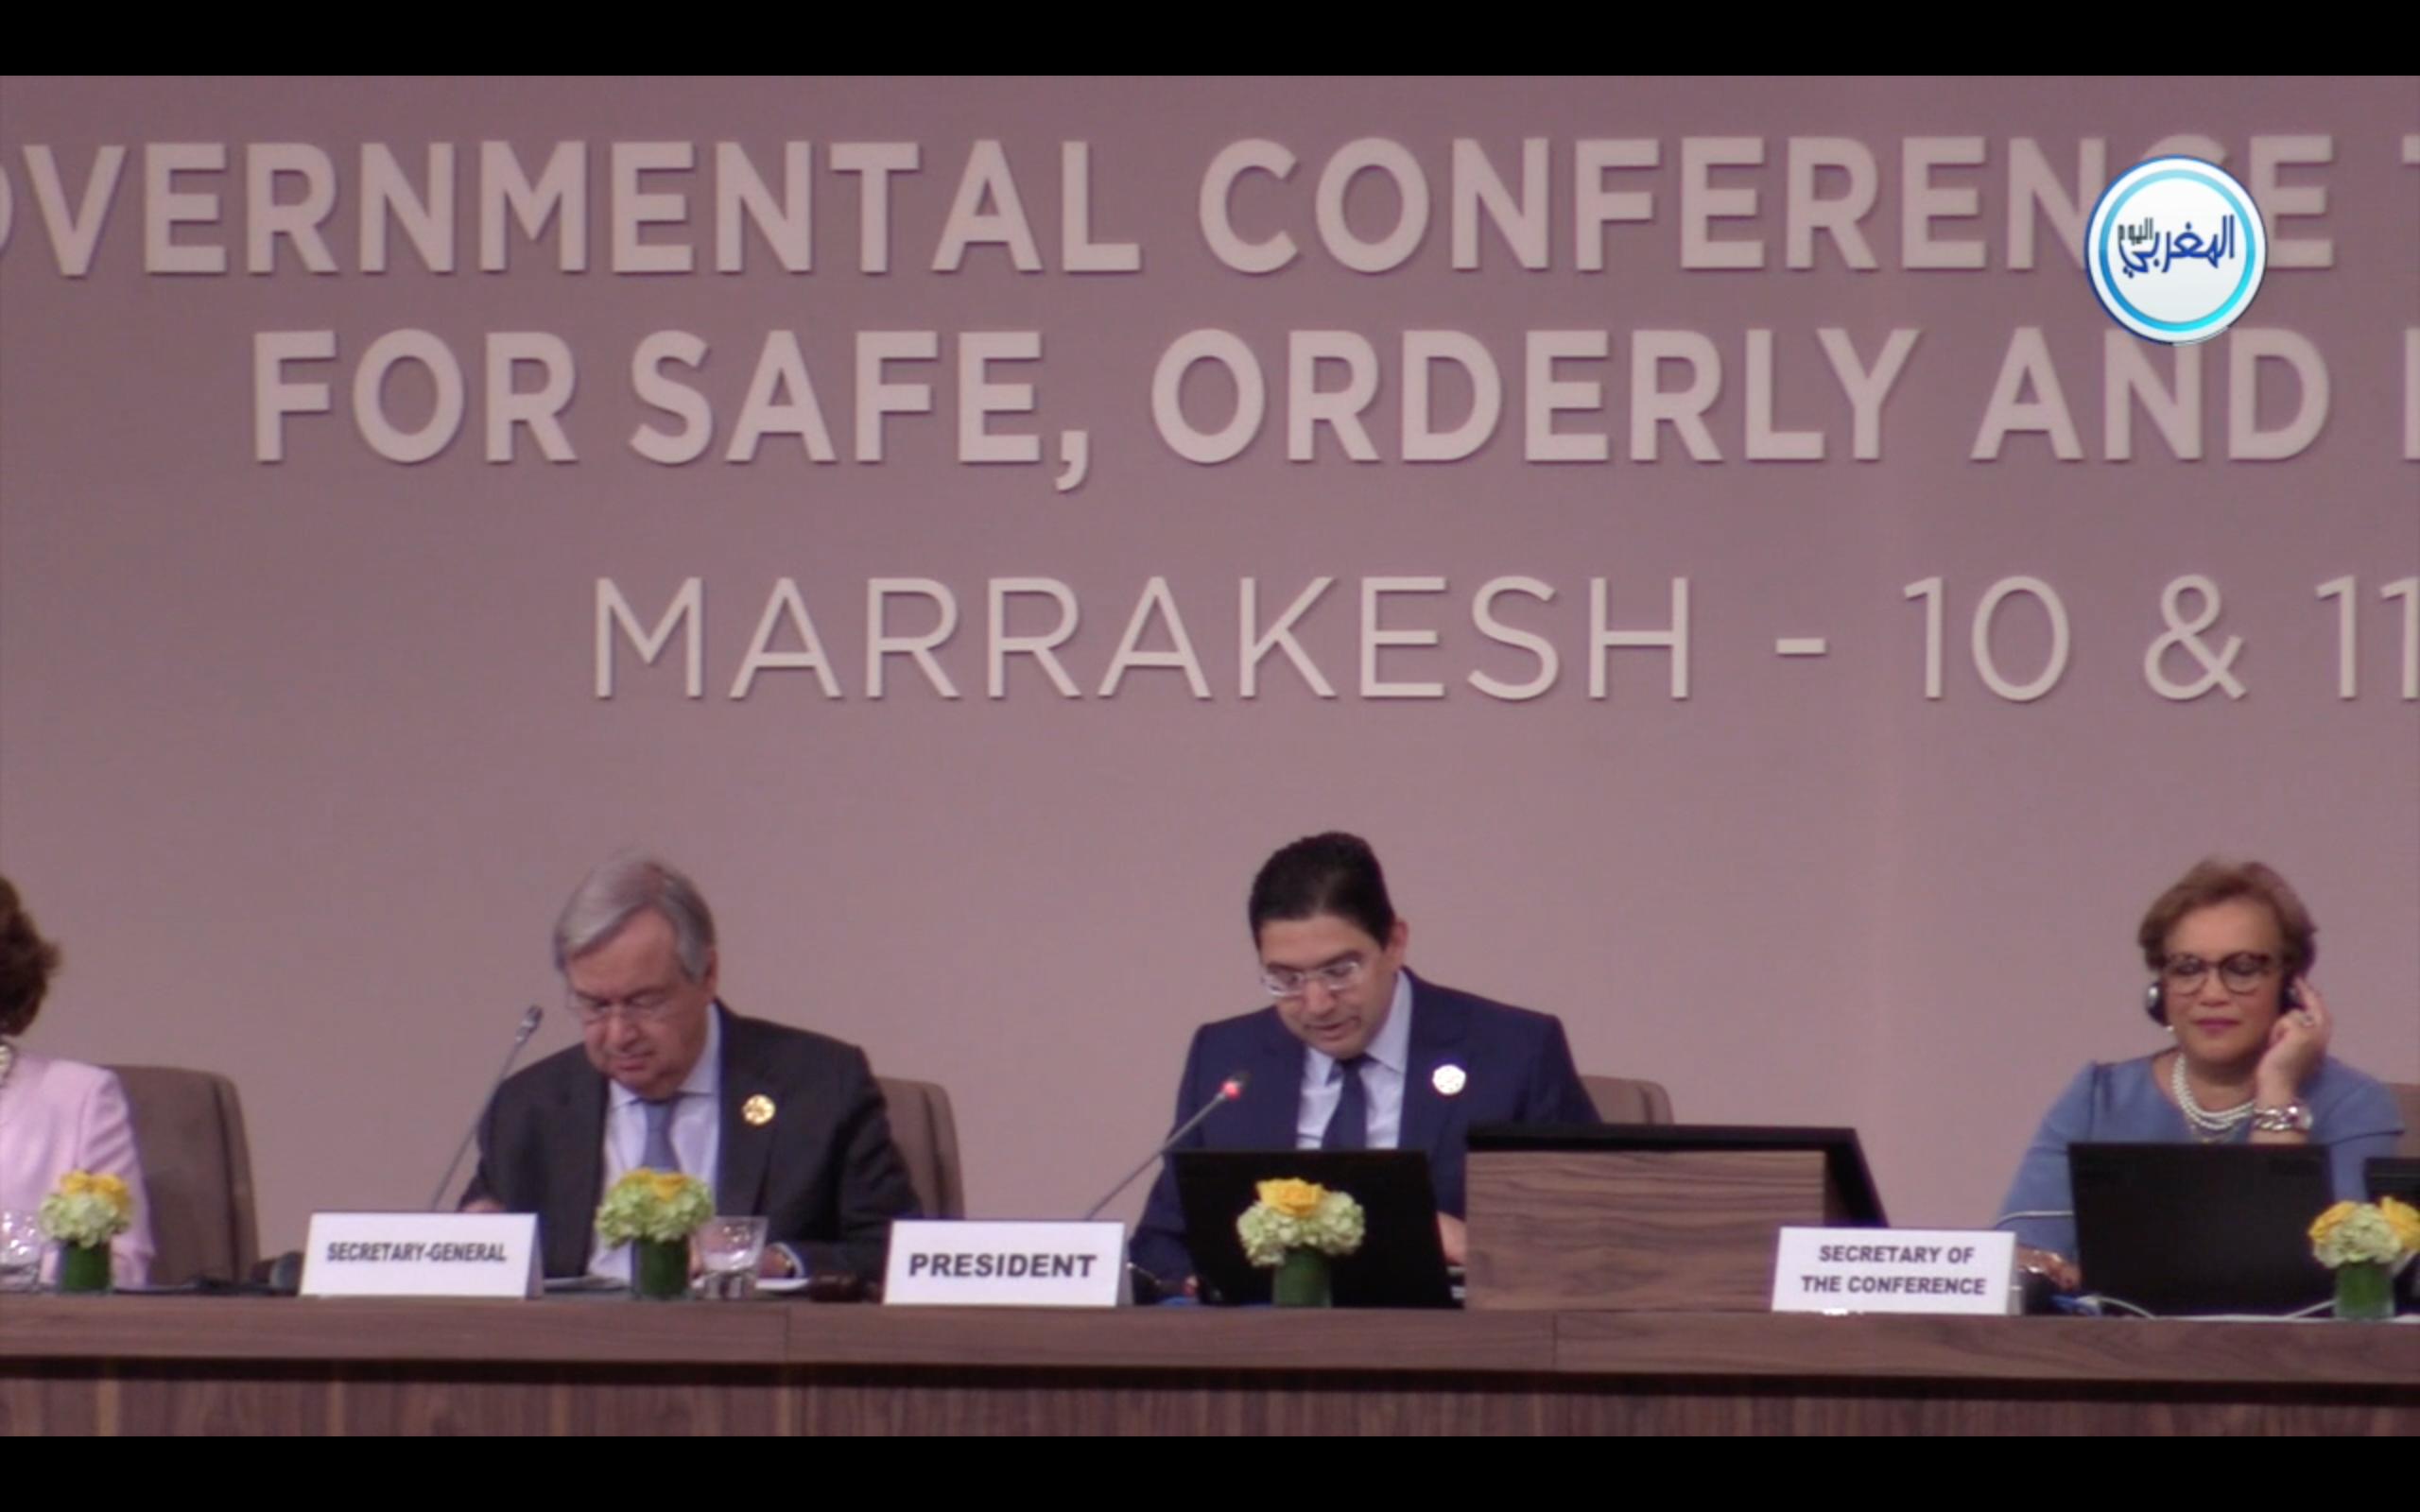 بالفيديو… كلمة ناصر بوريطة خلال افتتاح المؤتمر الحكومي الدولي حول الهجرة بمراكش